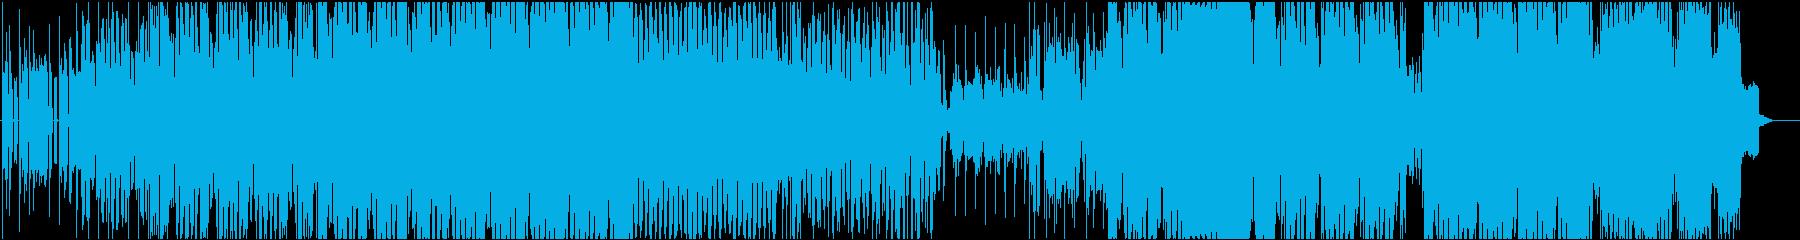 4つ打ちビートで思わず体が揺れるEDMの再生済みの波形